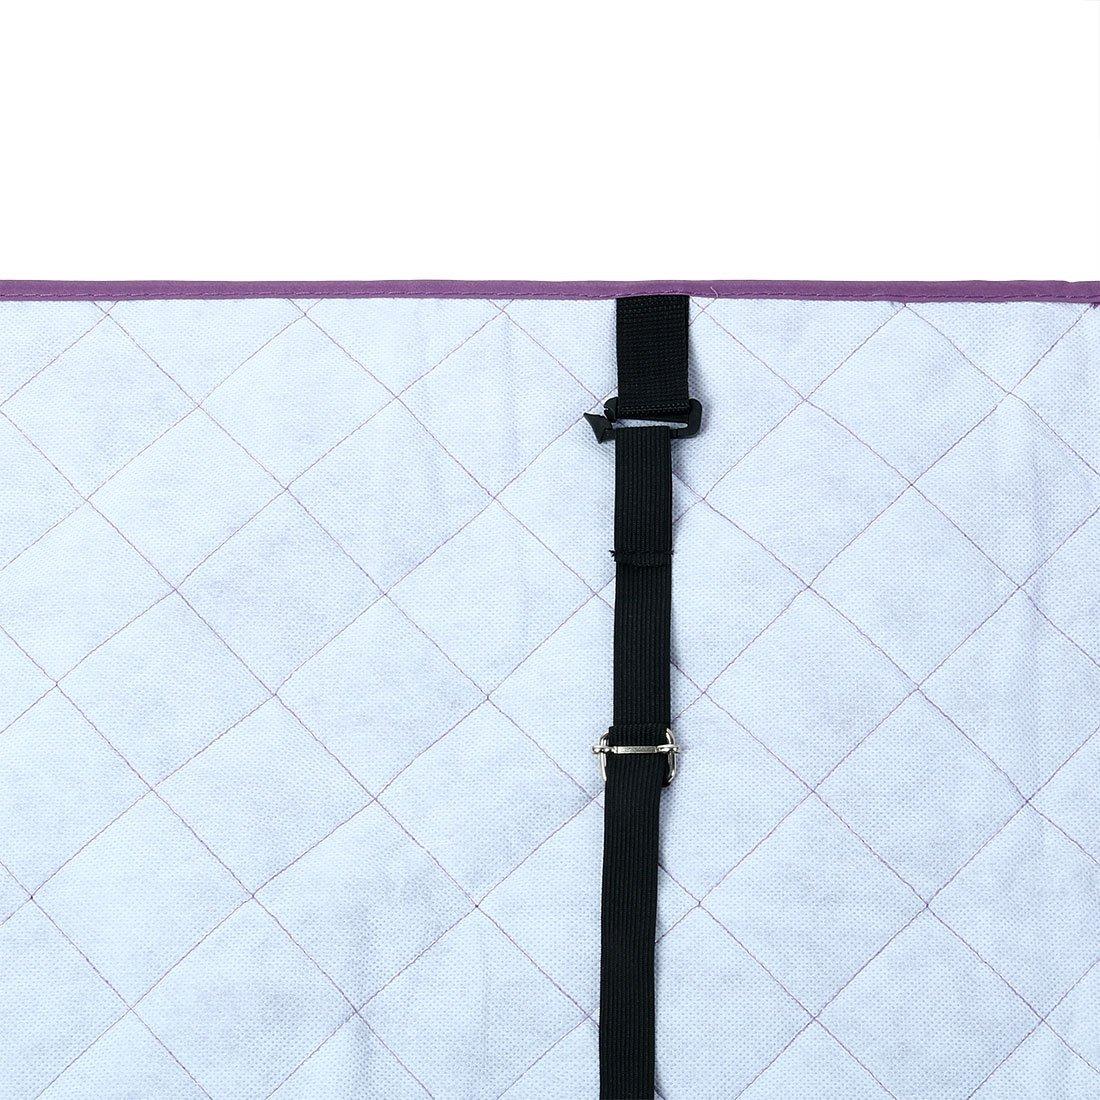 Amazon.com: eDealMax mejorada antideslizante sofá cubierta Reversible Muebles Protector Con las características de la Correa elástica y resistente al agua ...